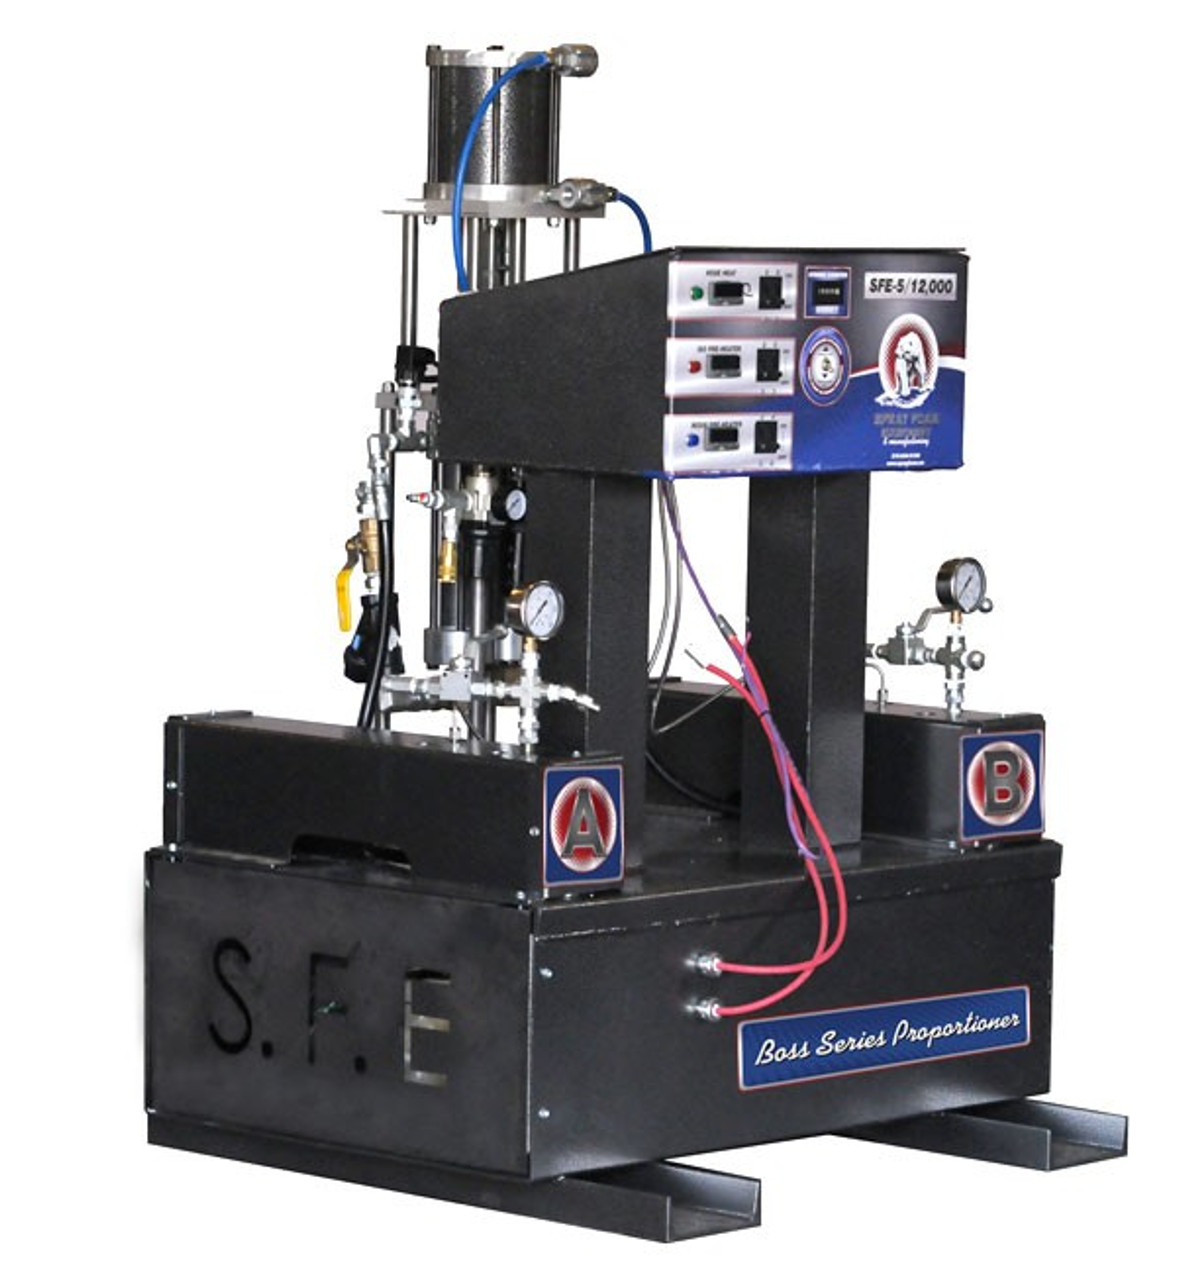 BOSS 5/6k Pneumatic Foam Proportioner